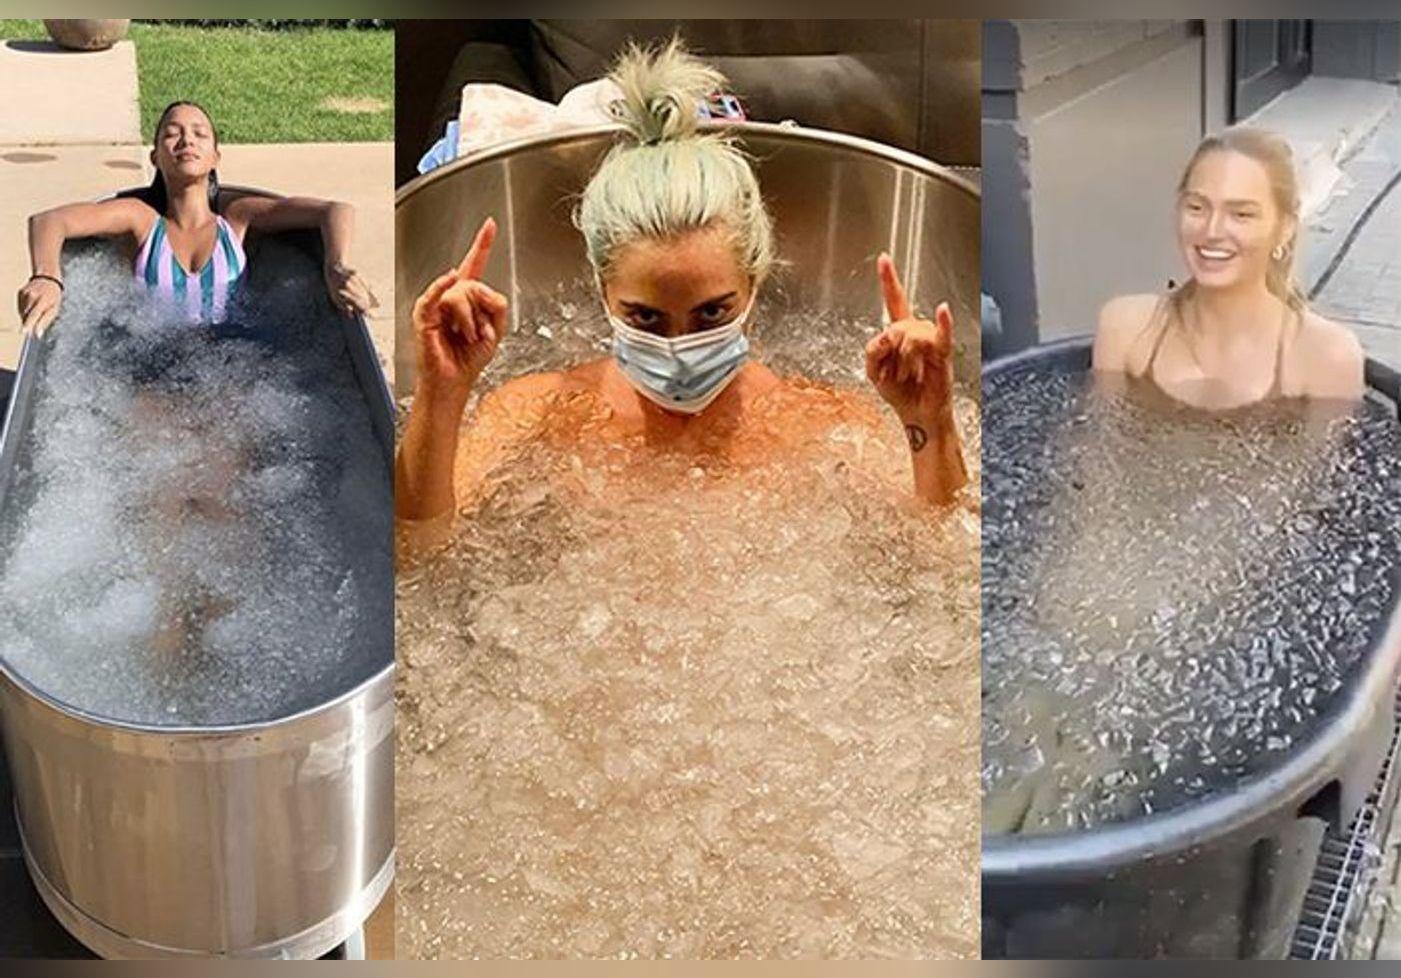 Voici pourquoi tout le monde prend des douches froides et des bains de glaçons... La tendance crée le buzz sur Instagram